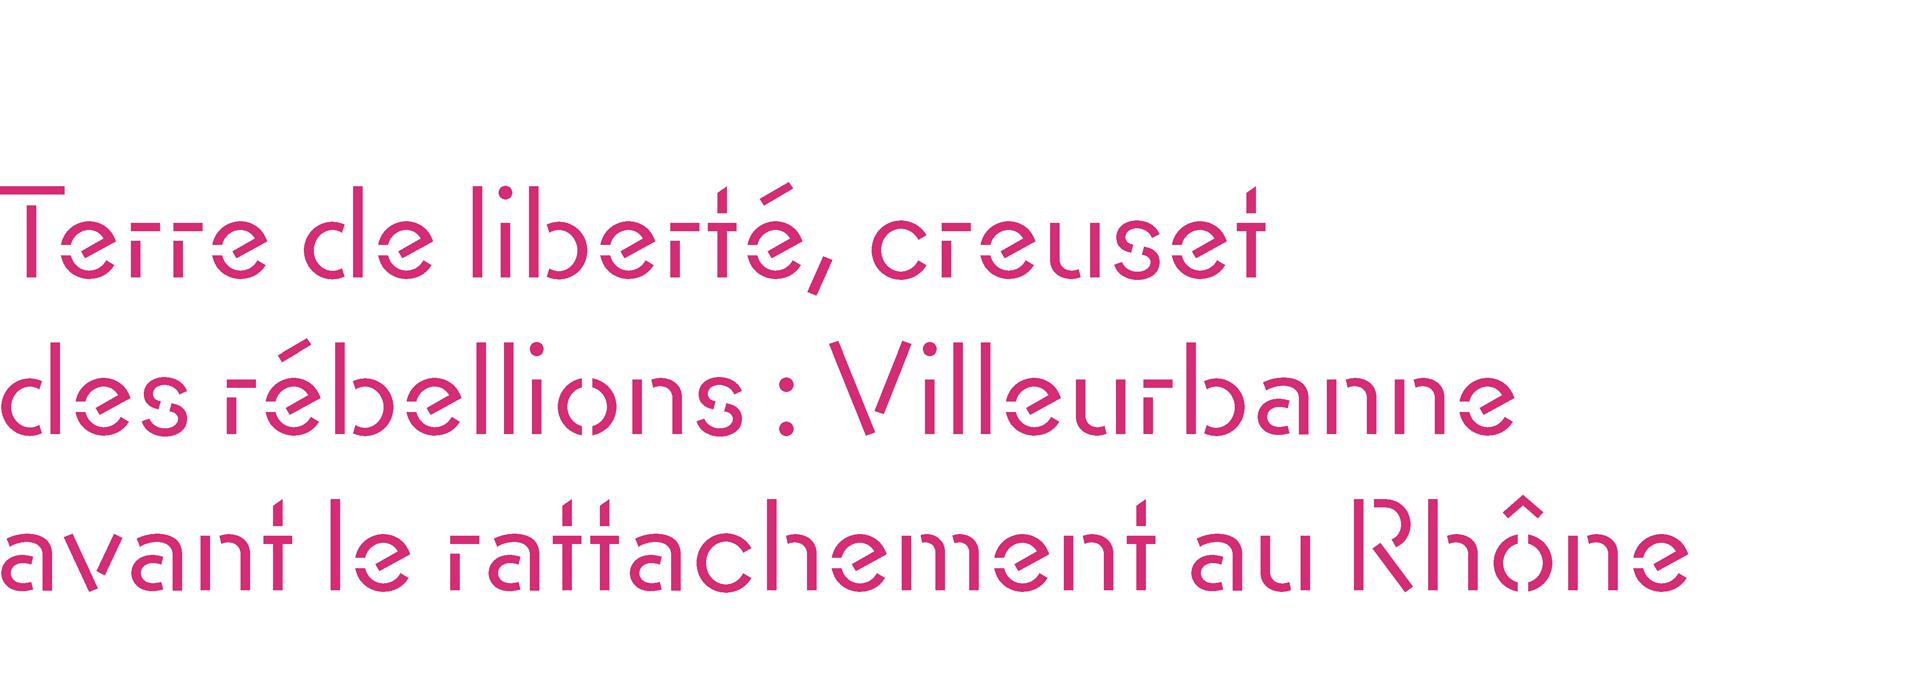 Terre de liberté, creuset des rebellions : Villeurbanne avant le rattachement au Rhône